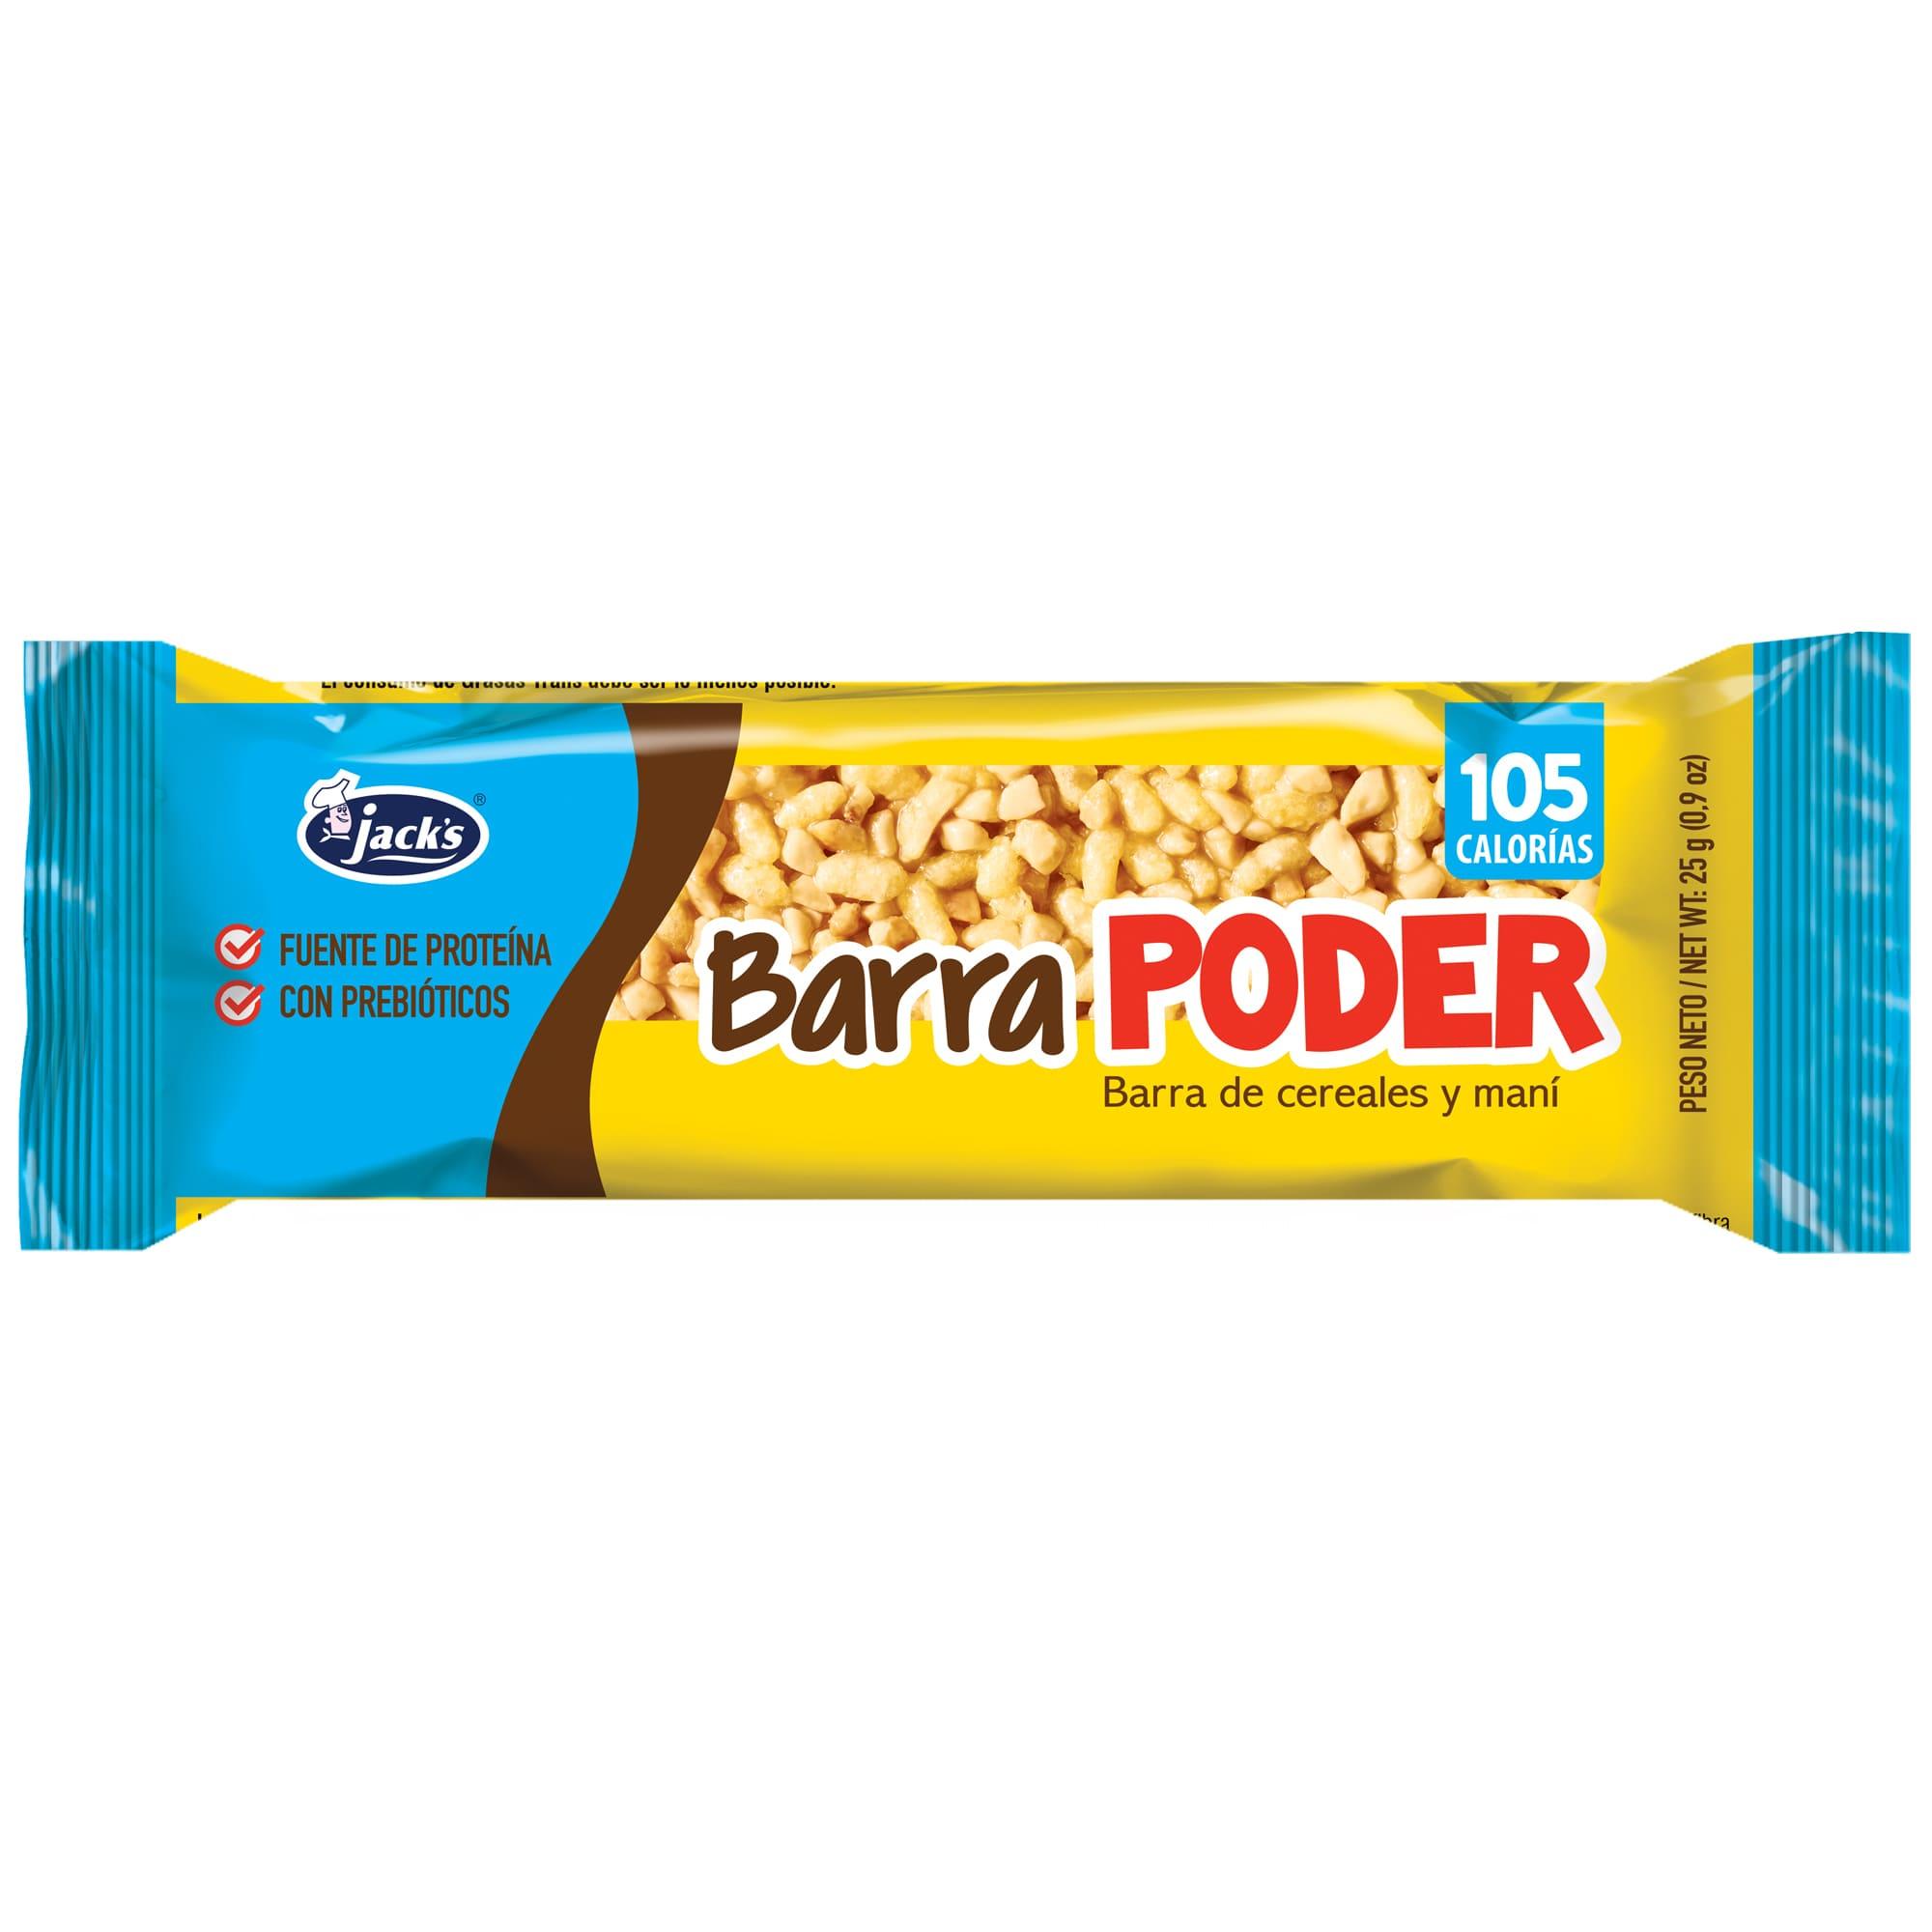 BARRA PODER presentac pag web